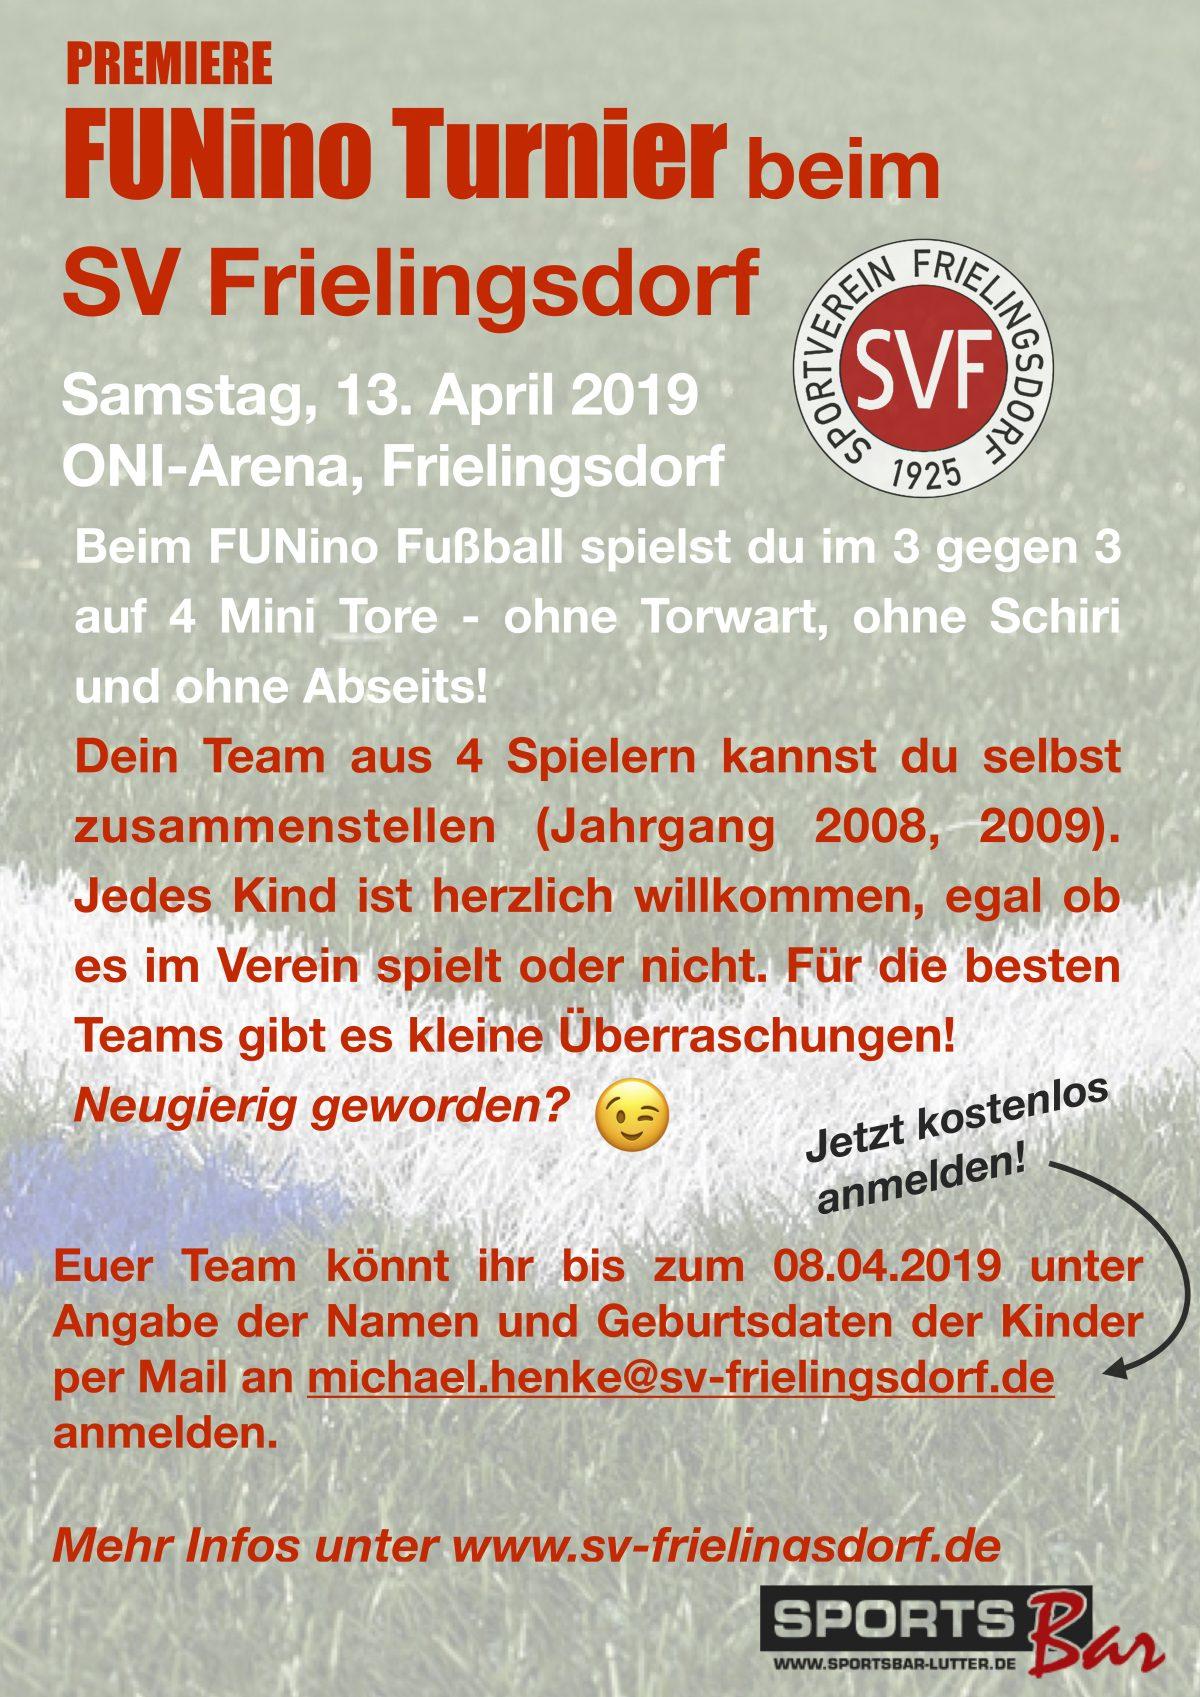 Premiere in Frielingsdorf: FUNino Turnier für die Jahrgänge 2008 & 2009 am 13.04.2019 ab 11.00 Uhr in der  ONI-Arena